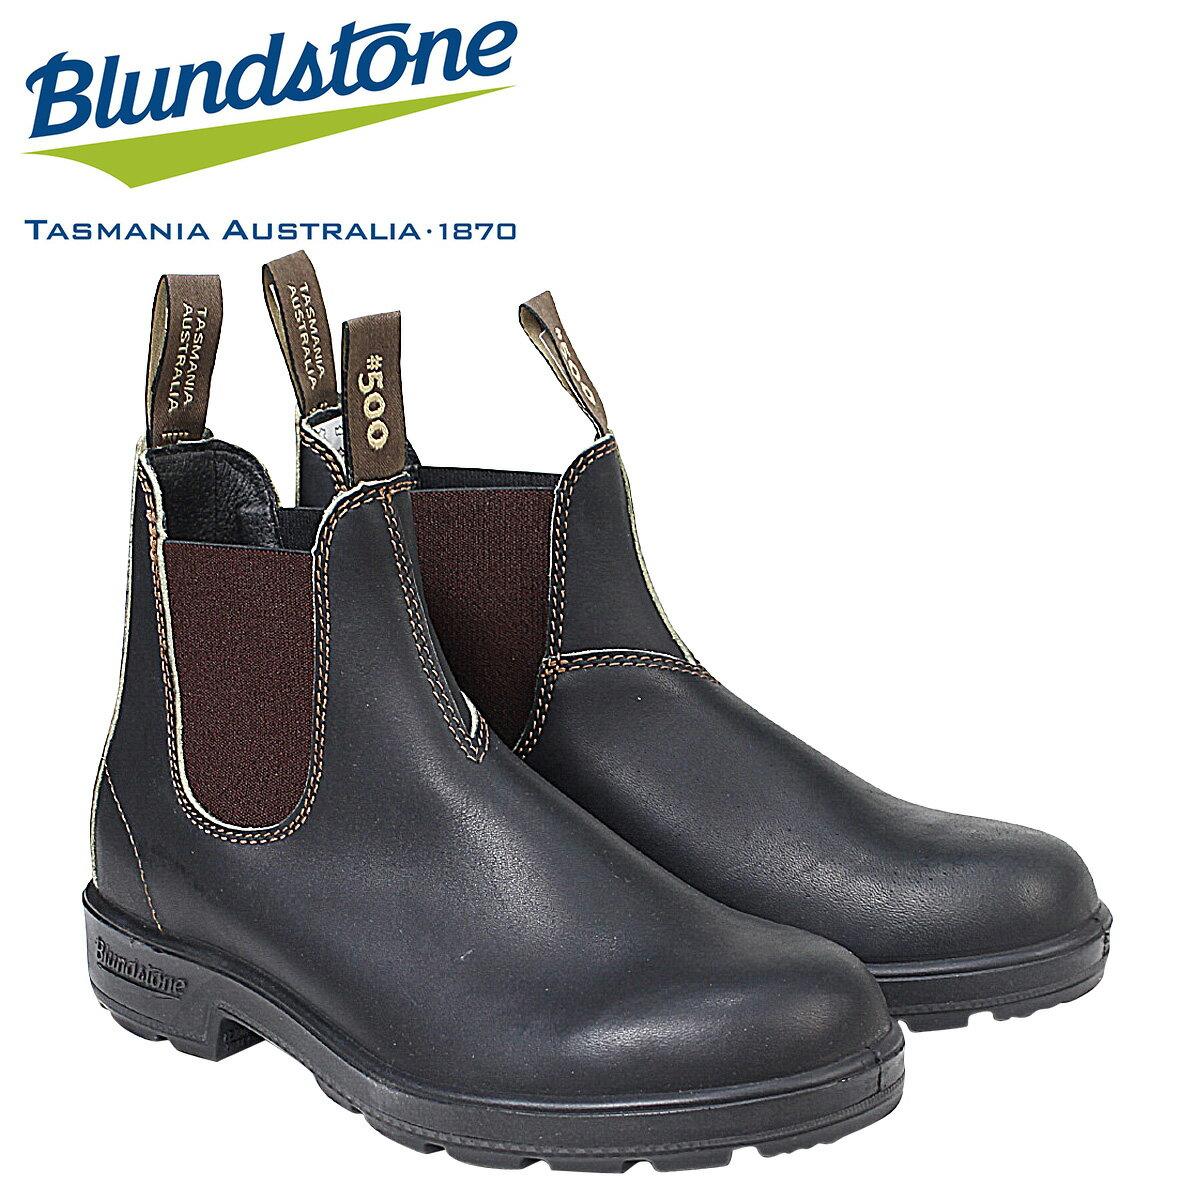 Blundstone DRESS V CUT BOOTS ブランドストーン サイドゴア メンズ 500 ブーツ ブラウン